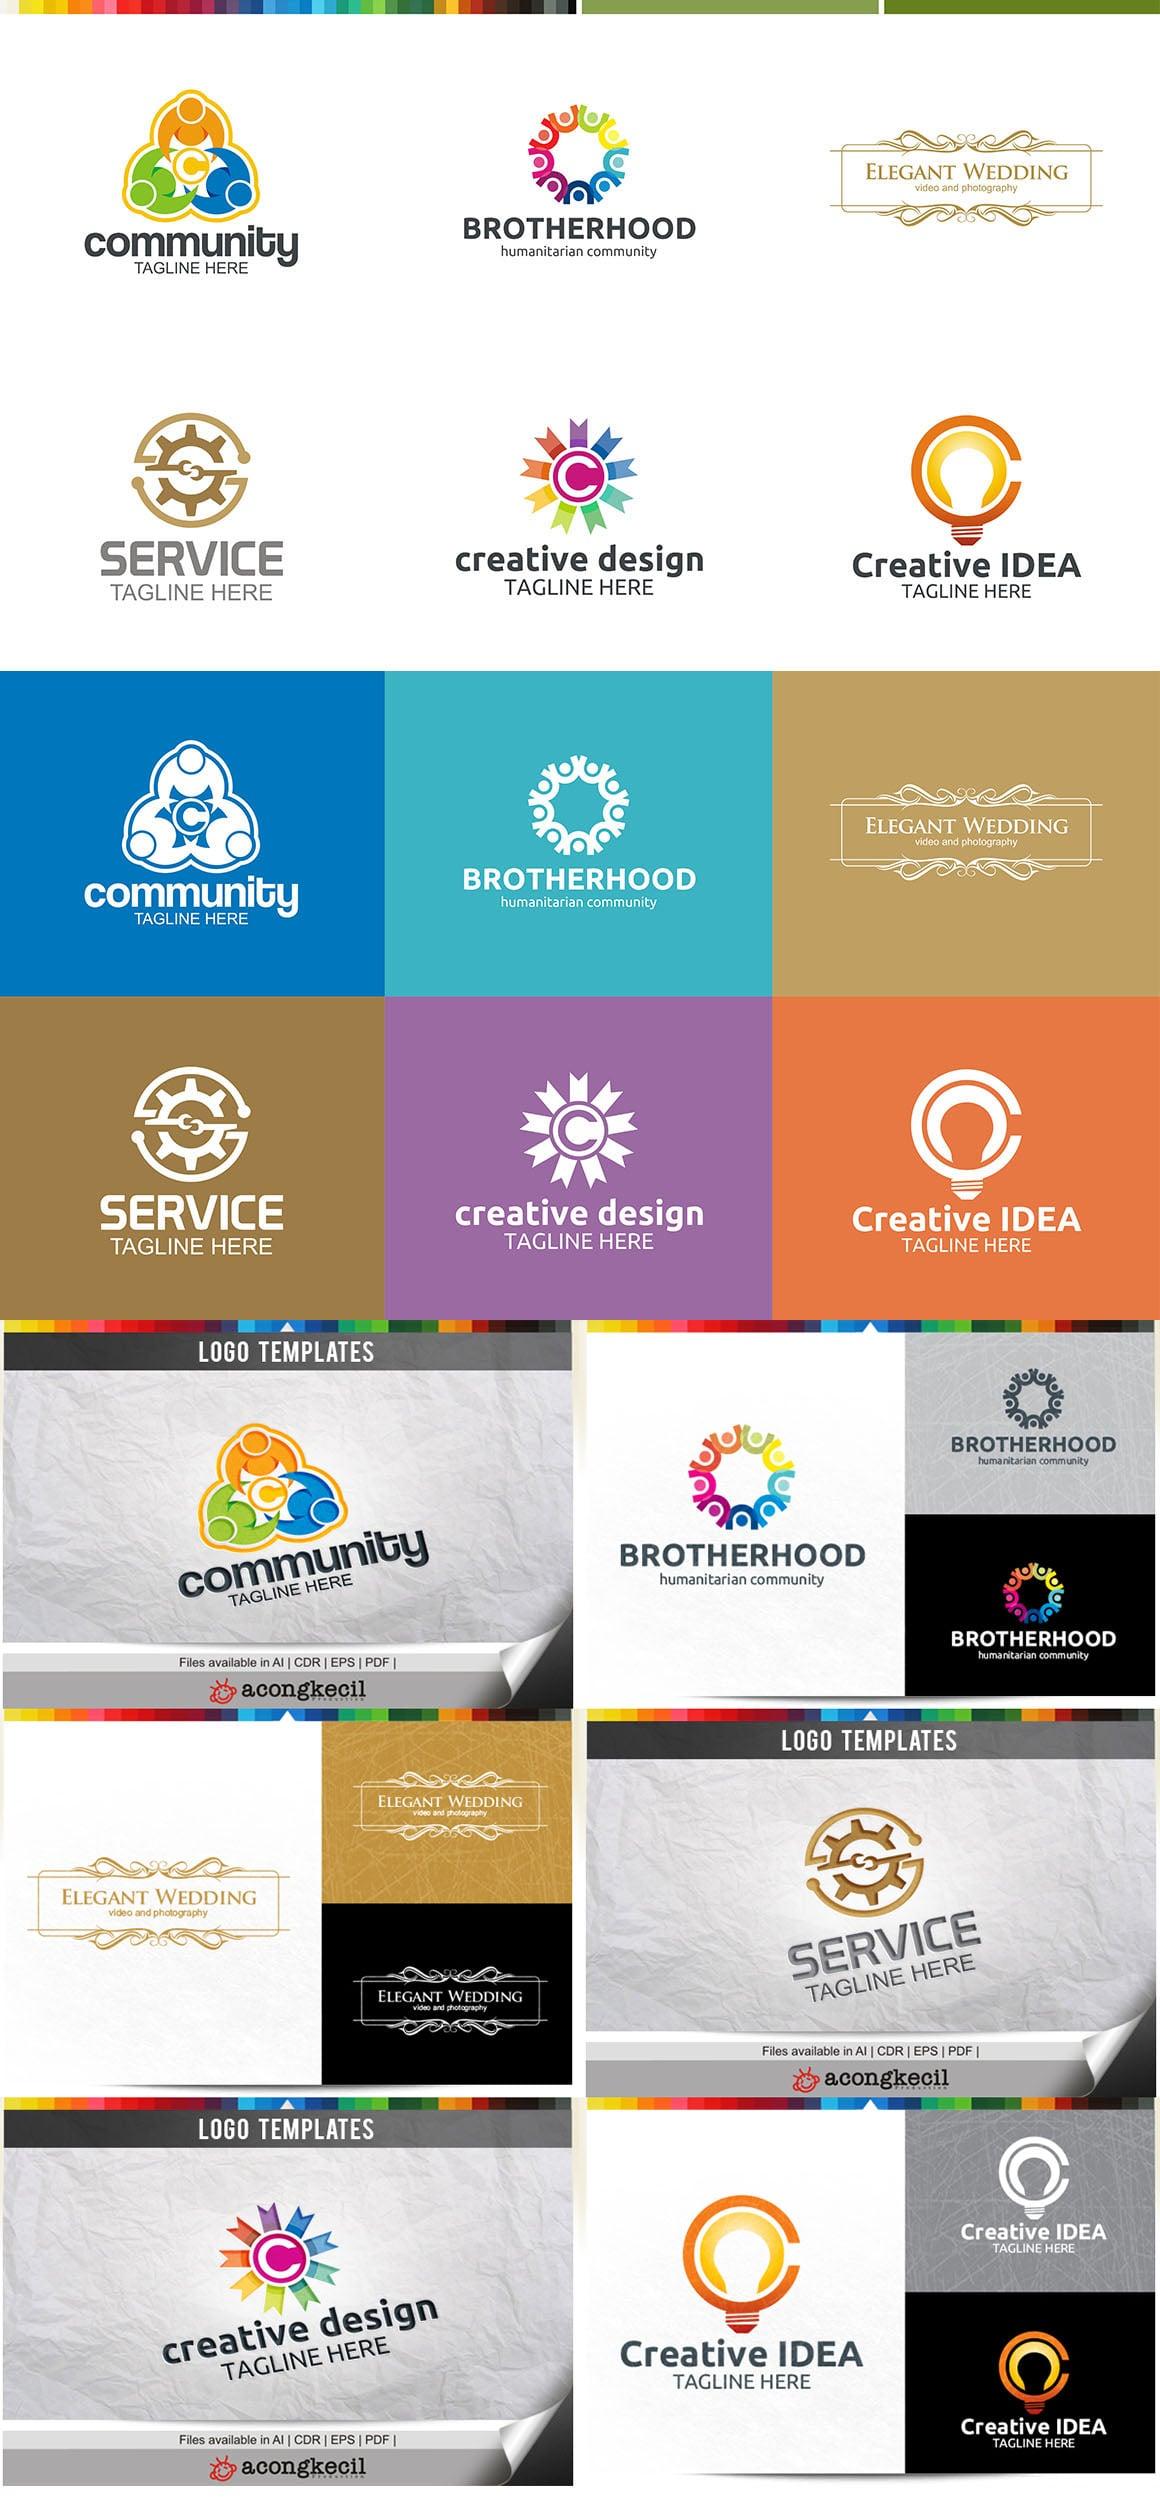 446 Business Logo Bundle - 99%+ OFF - Bundle 15 Preview5A